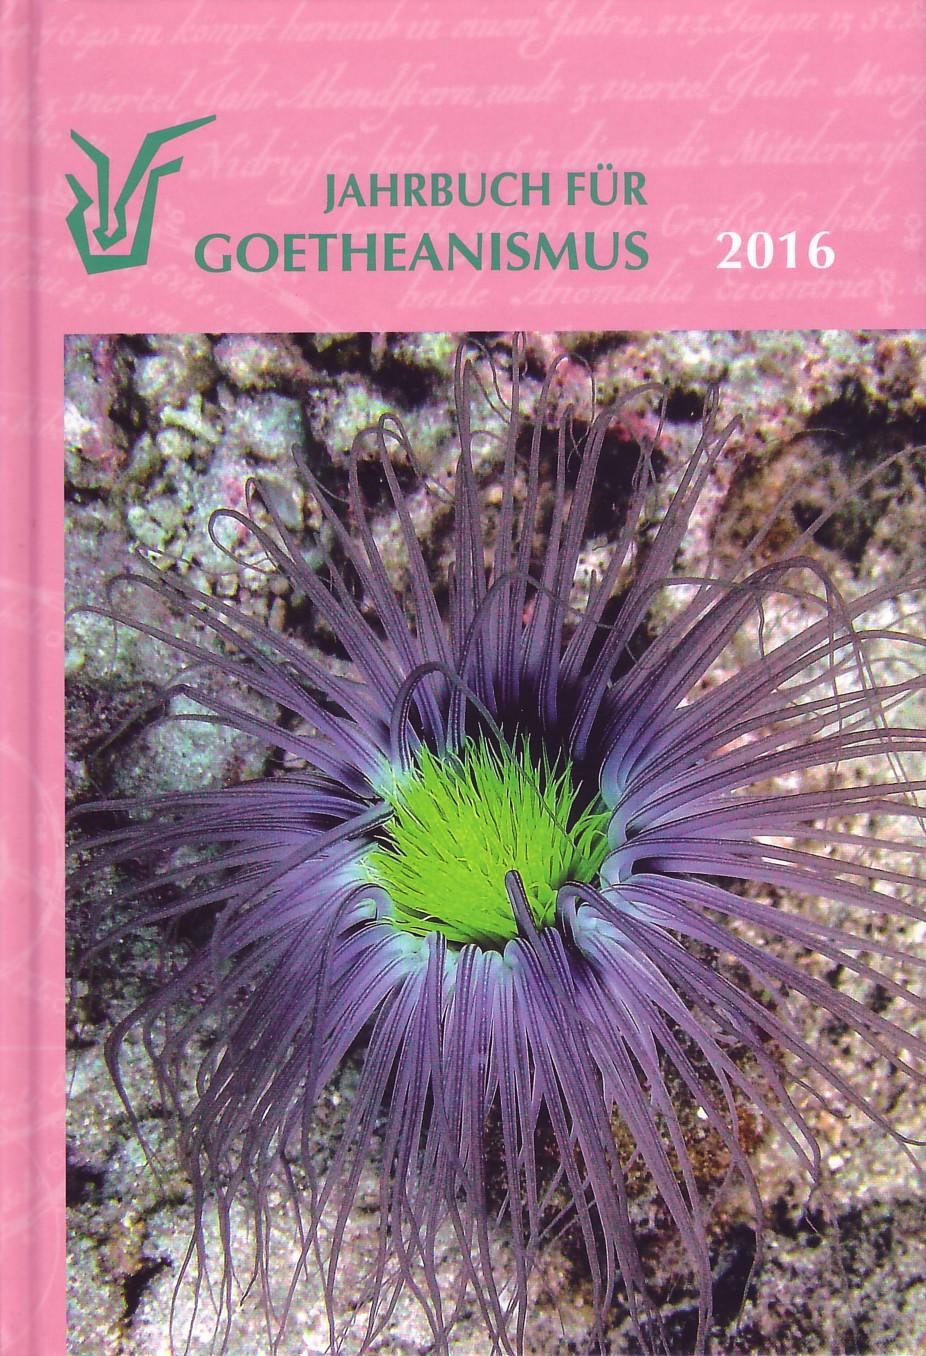 Jahrbuch für Goetheanismus 2016